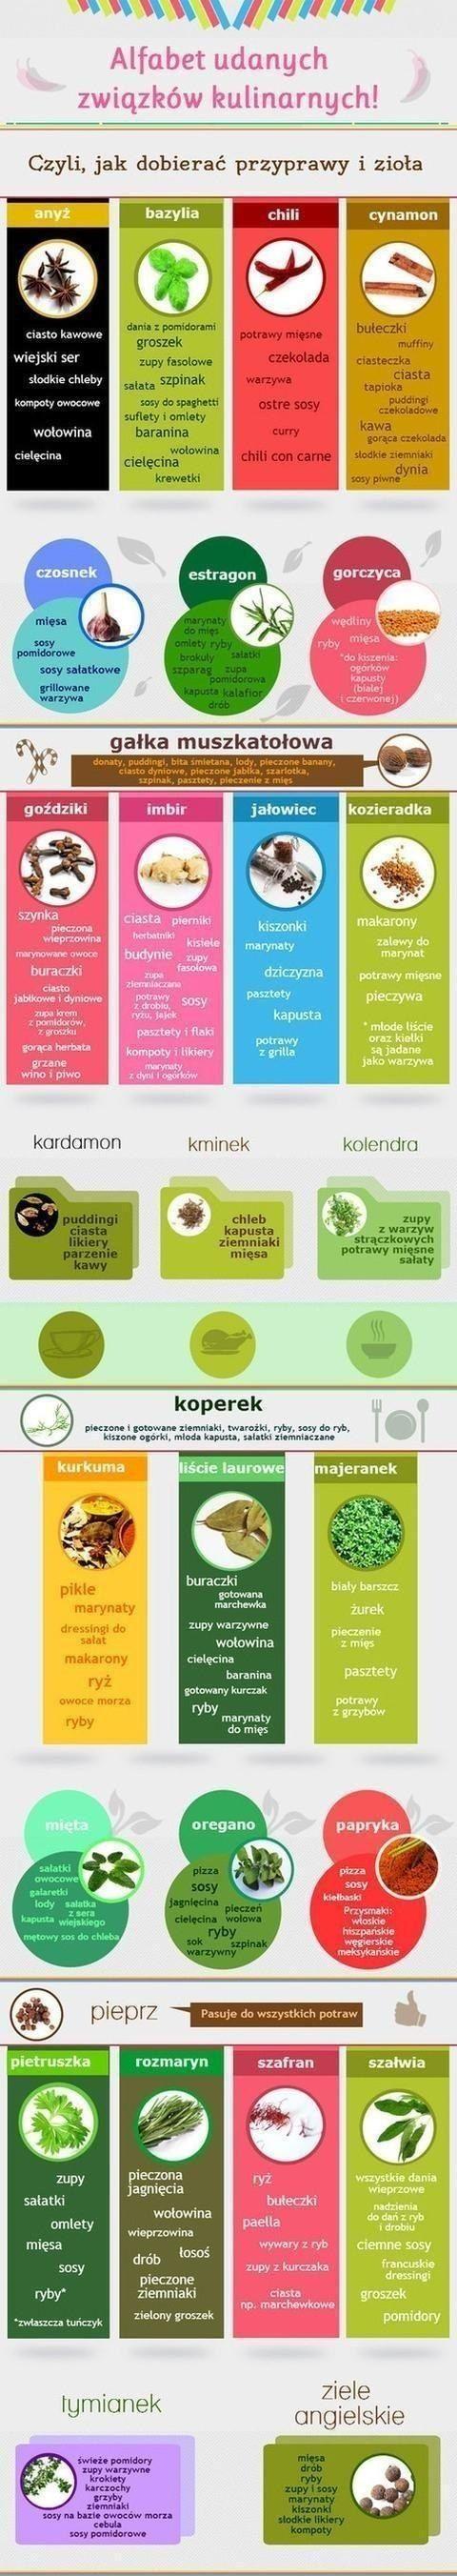 alfabet-udanych-zwiazkow-kulinarnyc2.jpg (480×2704)